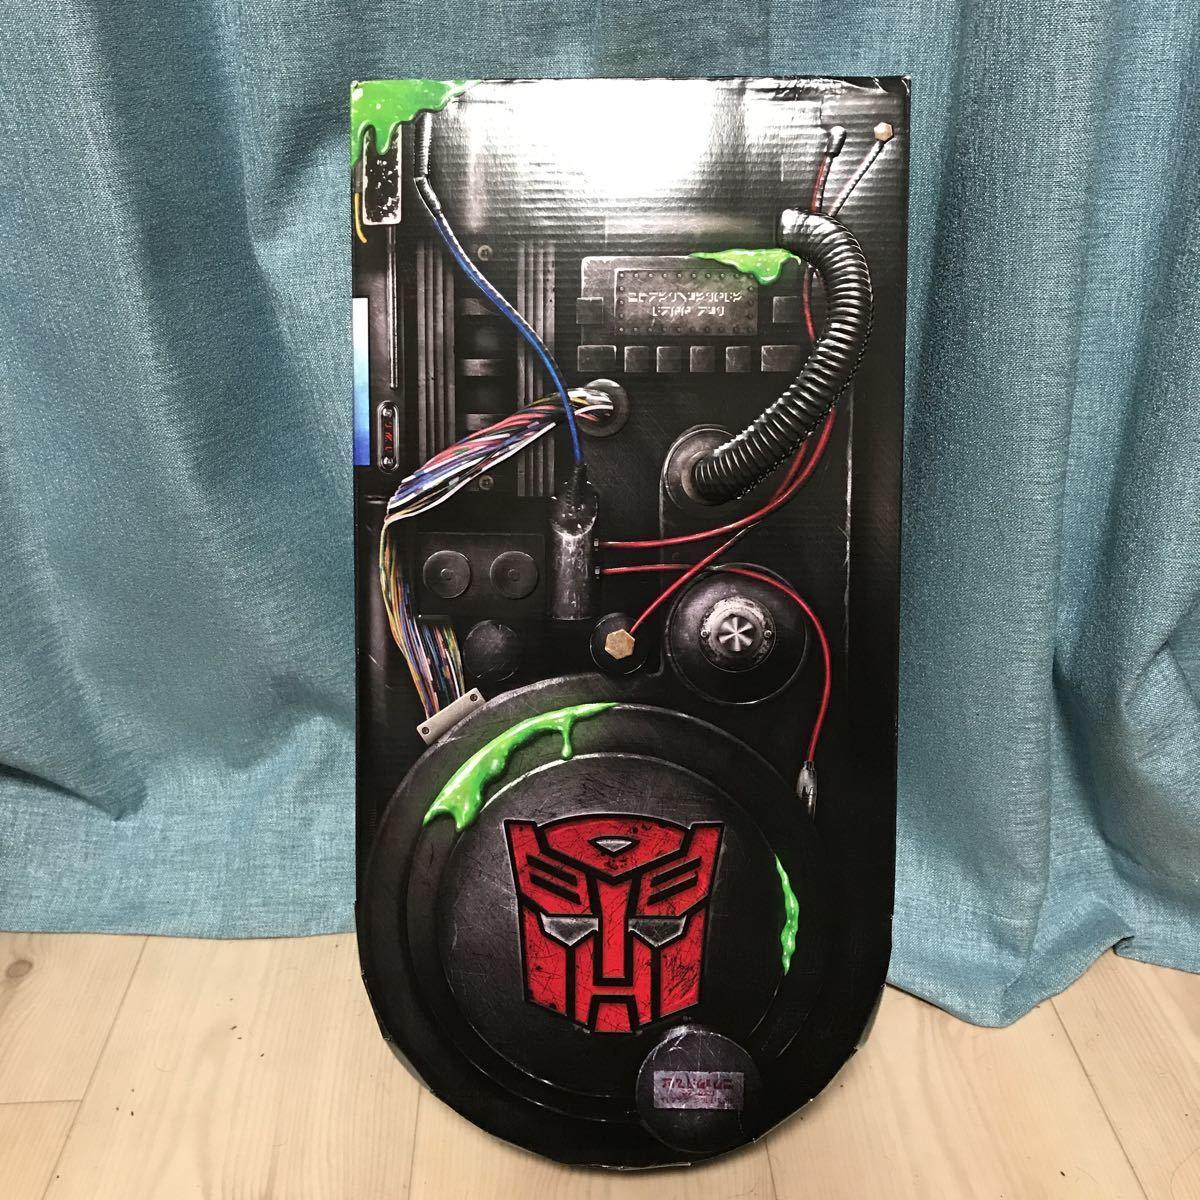 激レア 新品 Ghostbusters x Transformers MP-10G Optimus Prime ECTO-35 ゴーストバスターズ トランスフォーマー オプティマス プライム_画像8